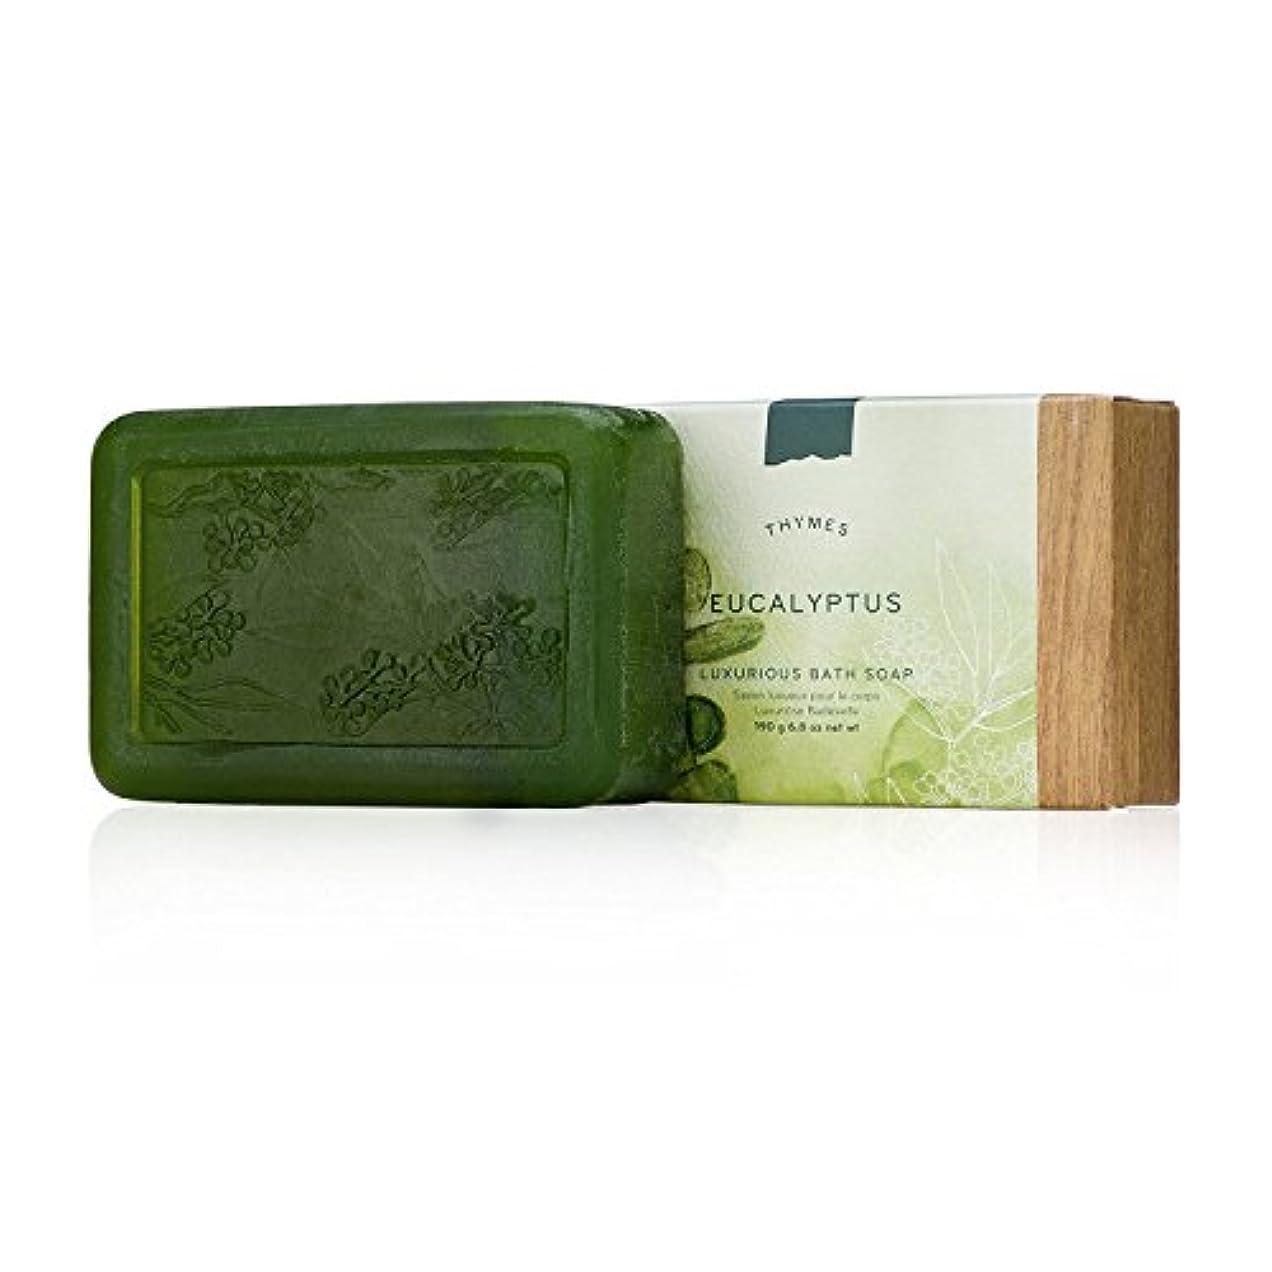 カビアーチ硫黄タイムズ Eucalyptus Luxurious Bath Soap 190g/6.8oz